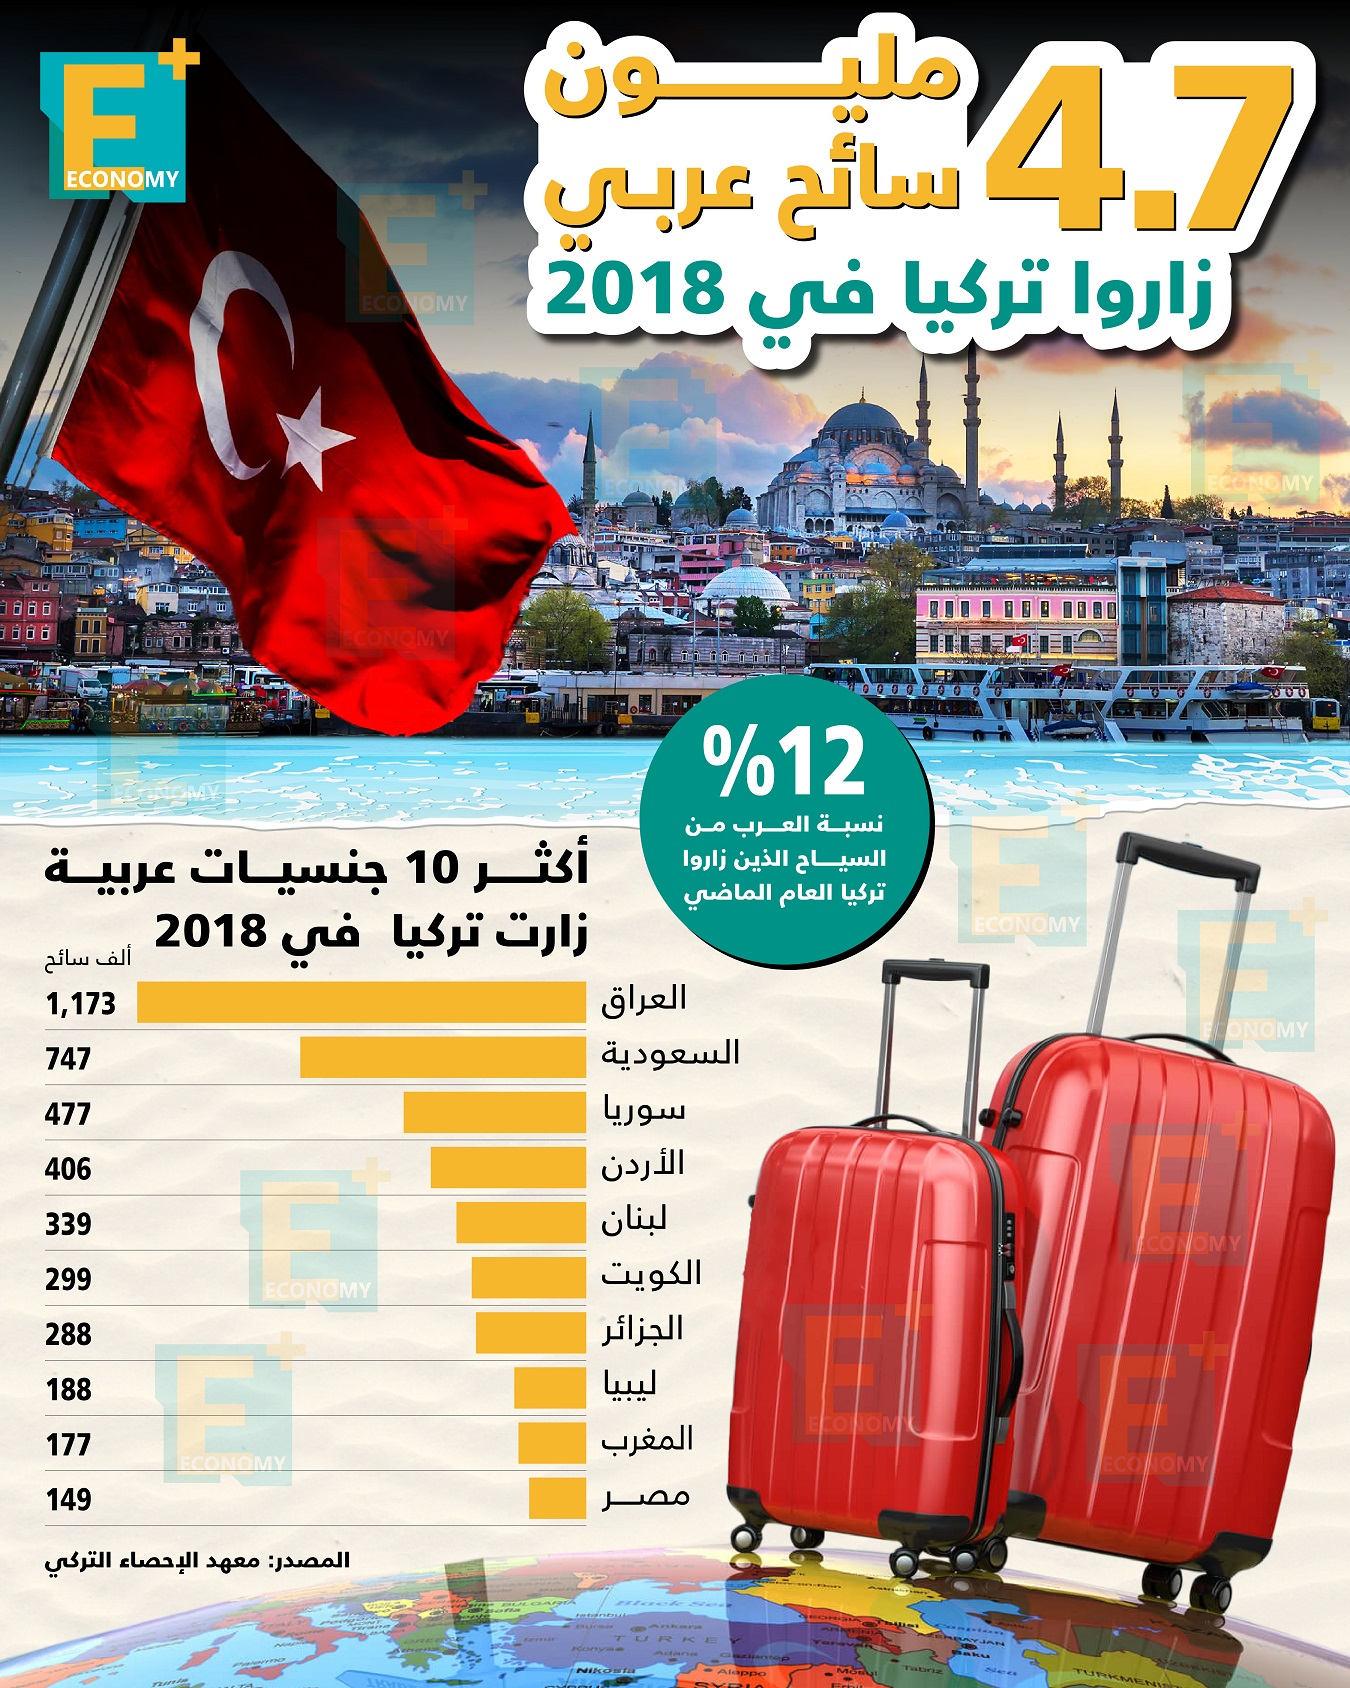 4.7 مليون سائح عربية زاروا تركيا في 2018